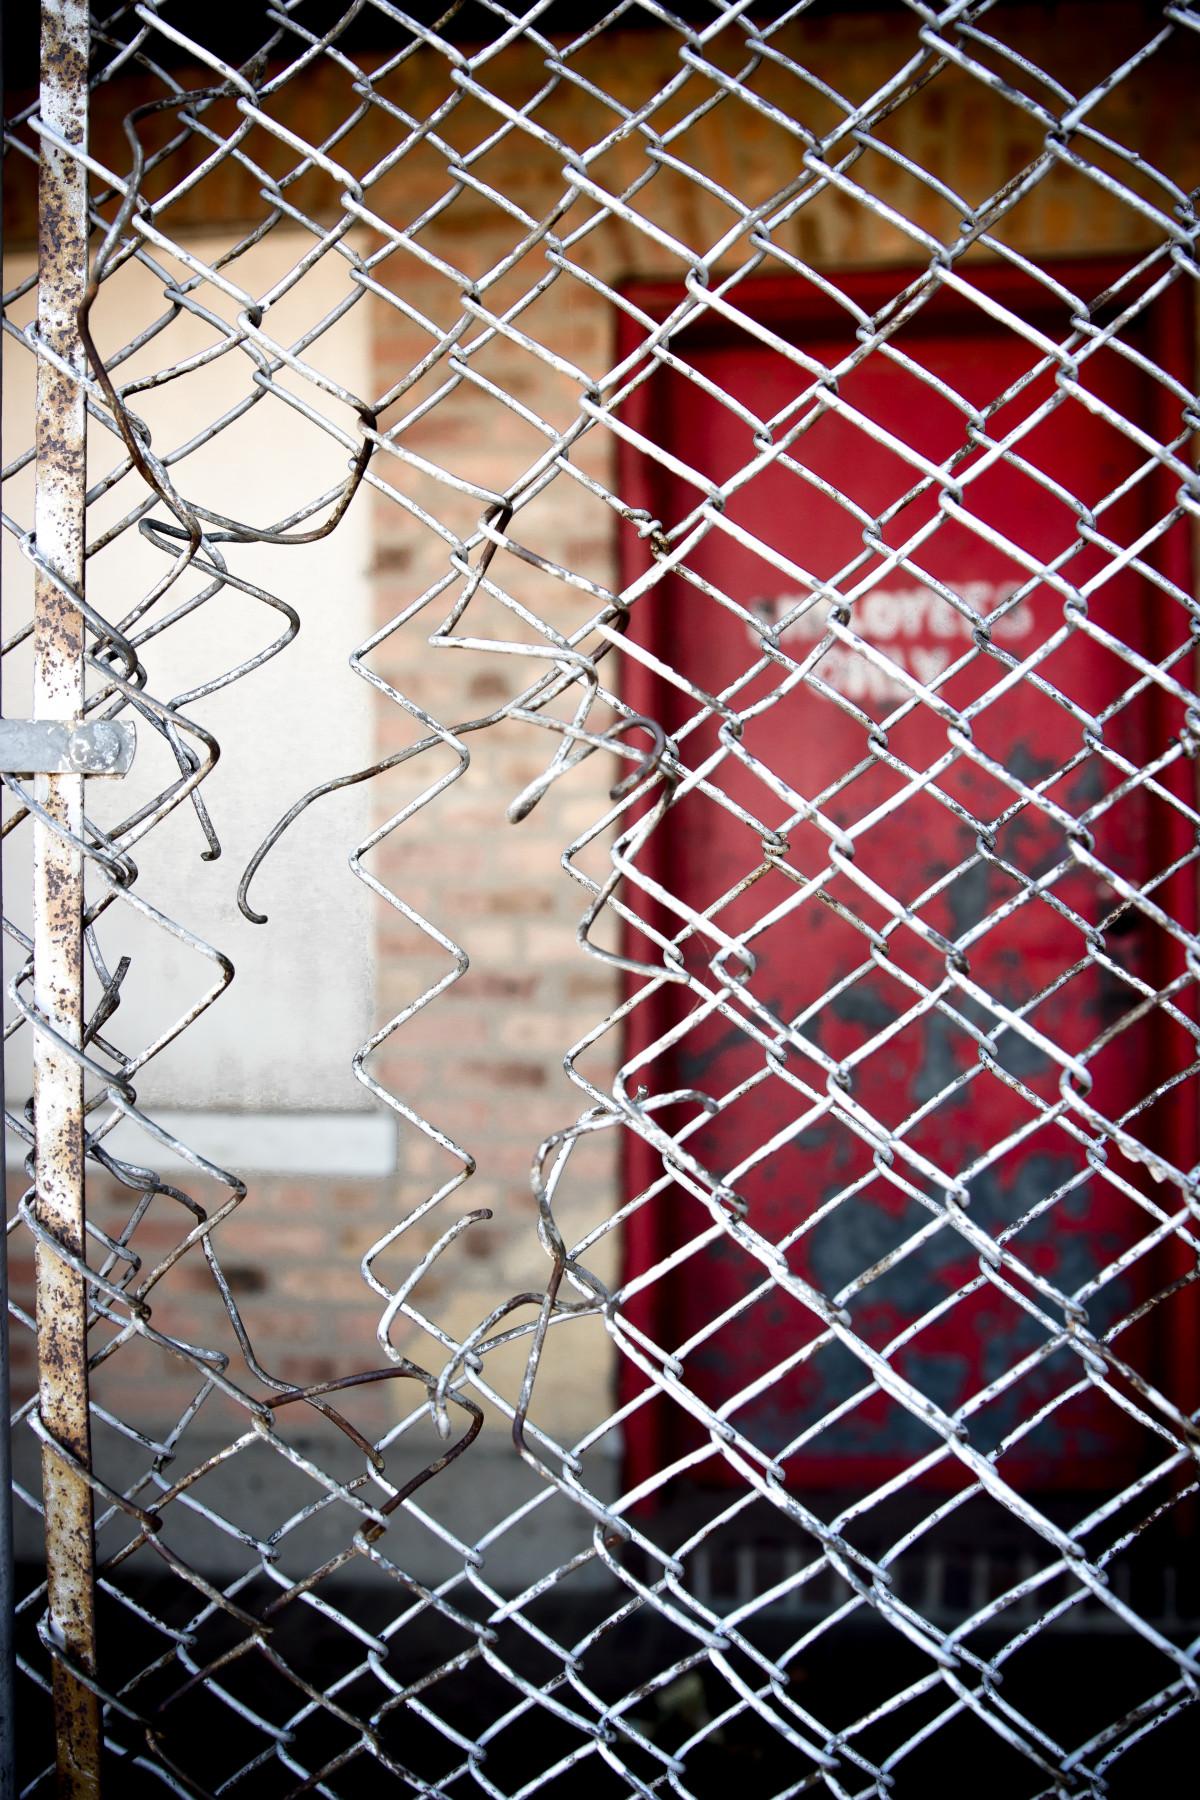 Kostenlose foto : Zaun, Linie, Farbe, Material, Kreis, Spinnennetz ...